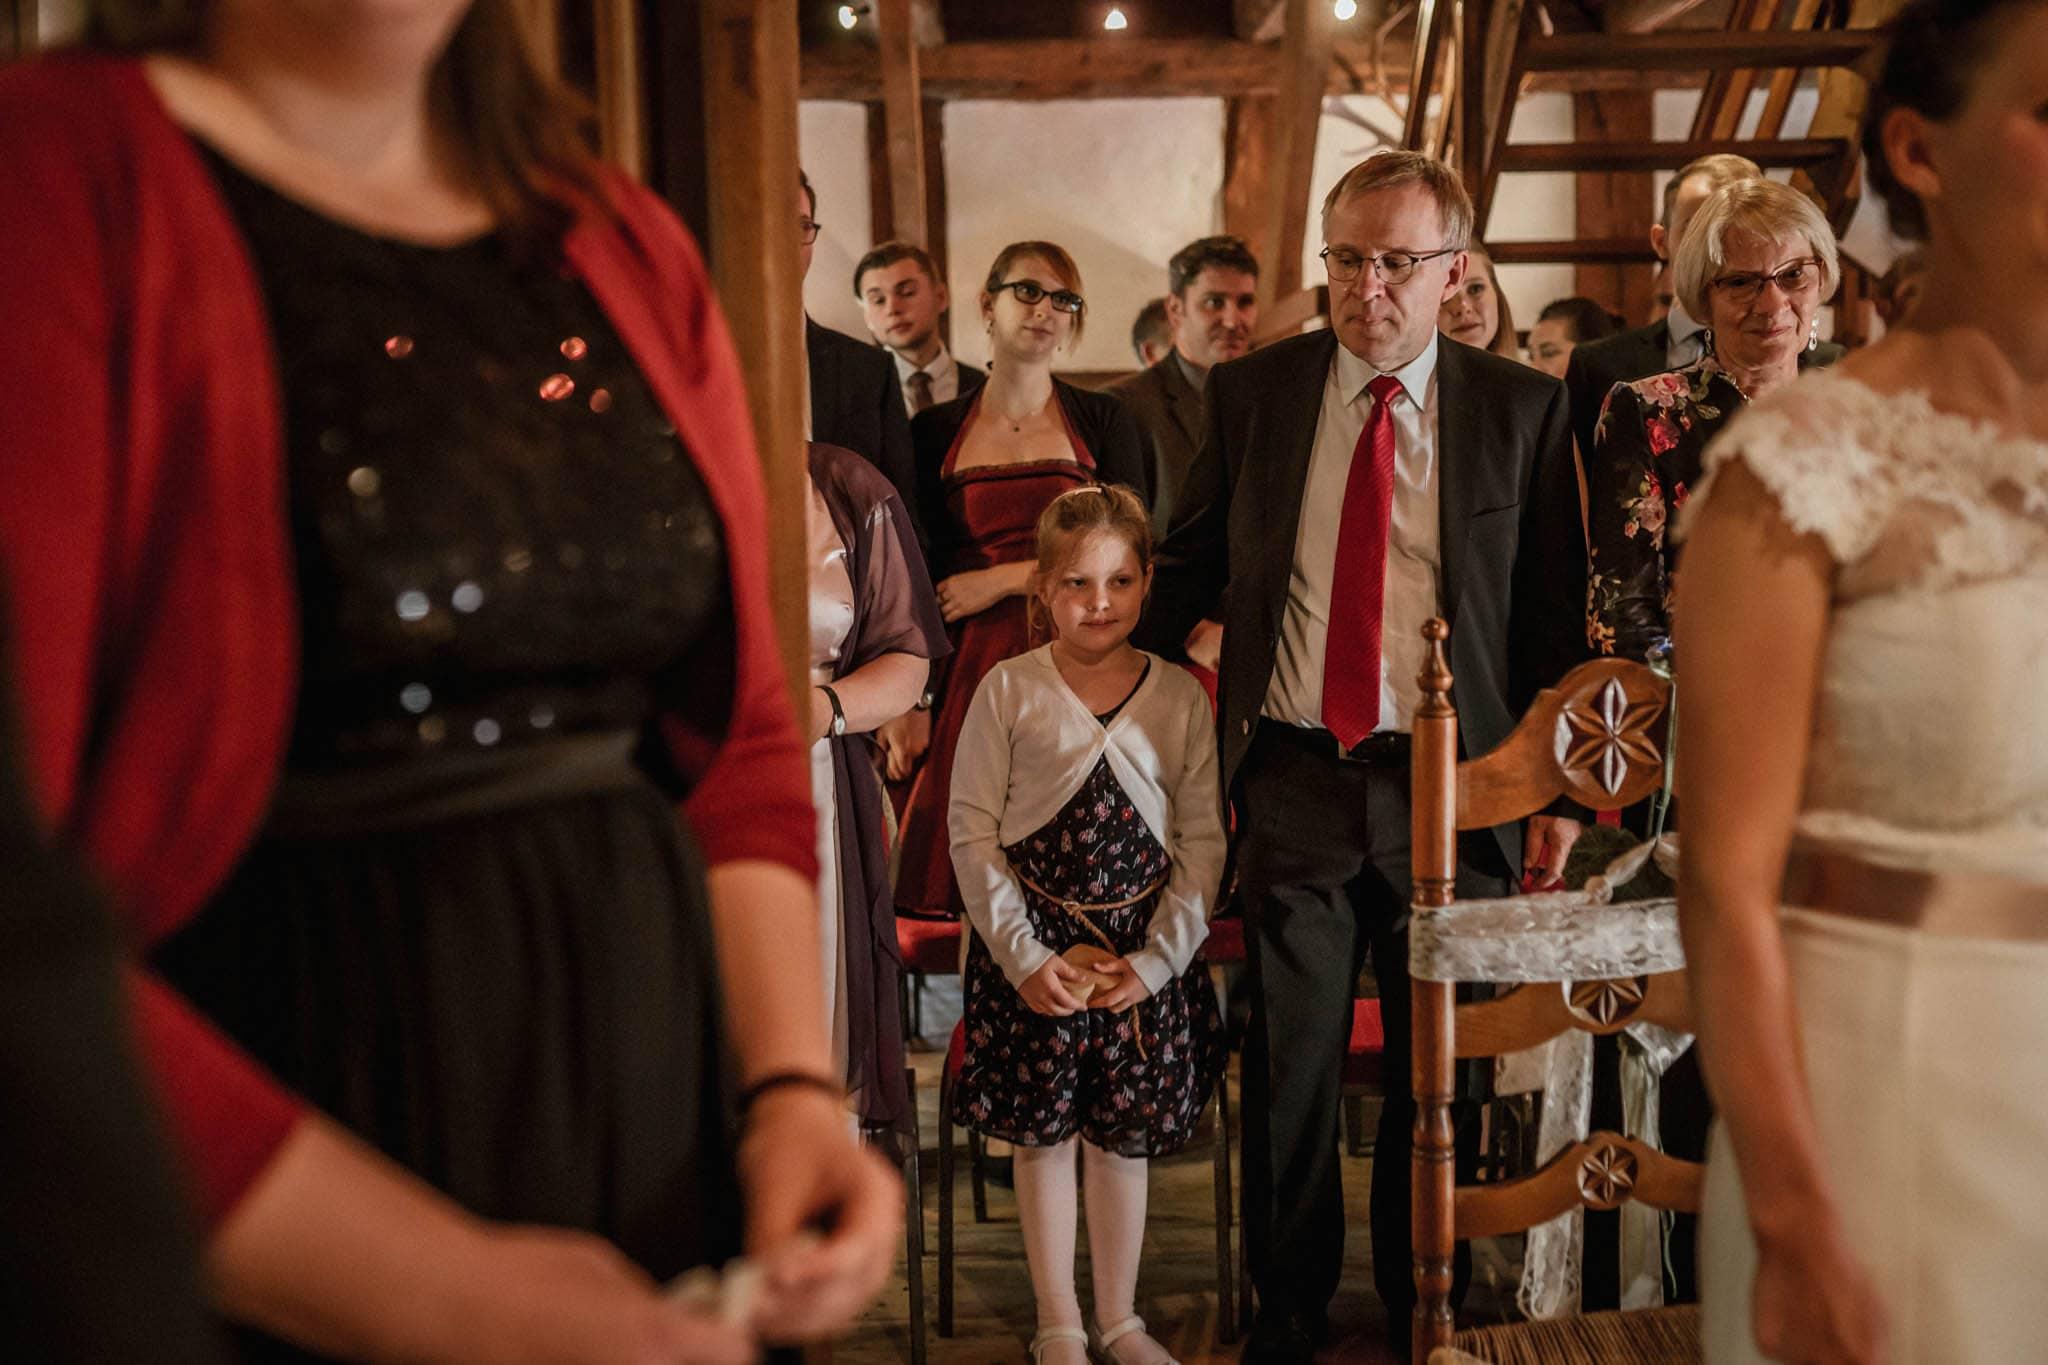 Hochzeitsfieber by Photo-Schomburg, Hochzeitsfotograf, Hamburg,Bremen, wedding, Hochzeitsshooting, Hochzeitstag-42